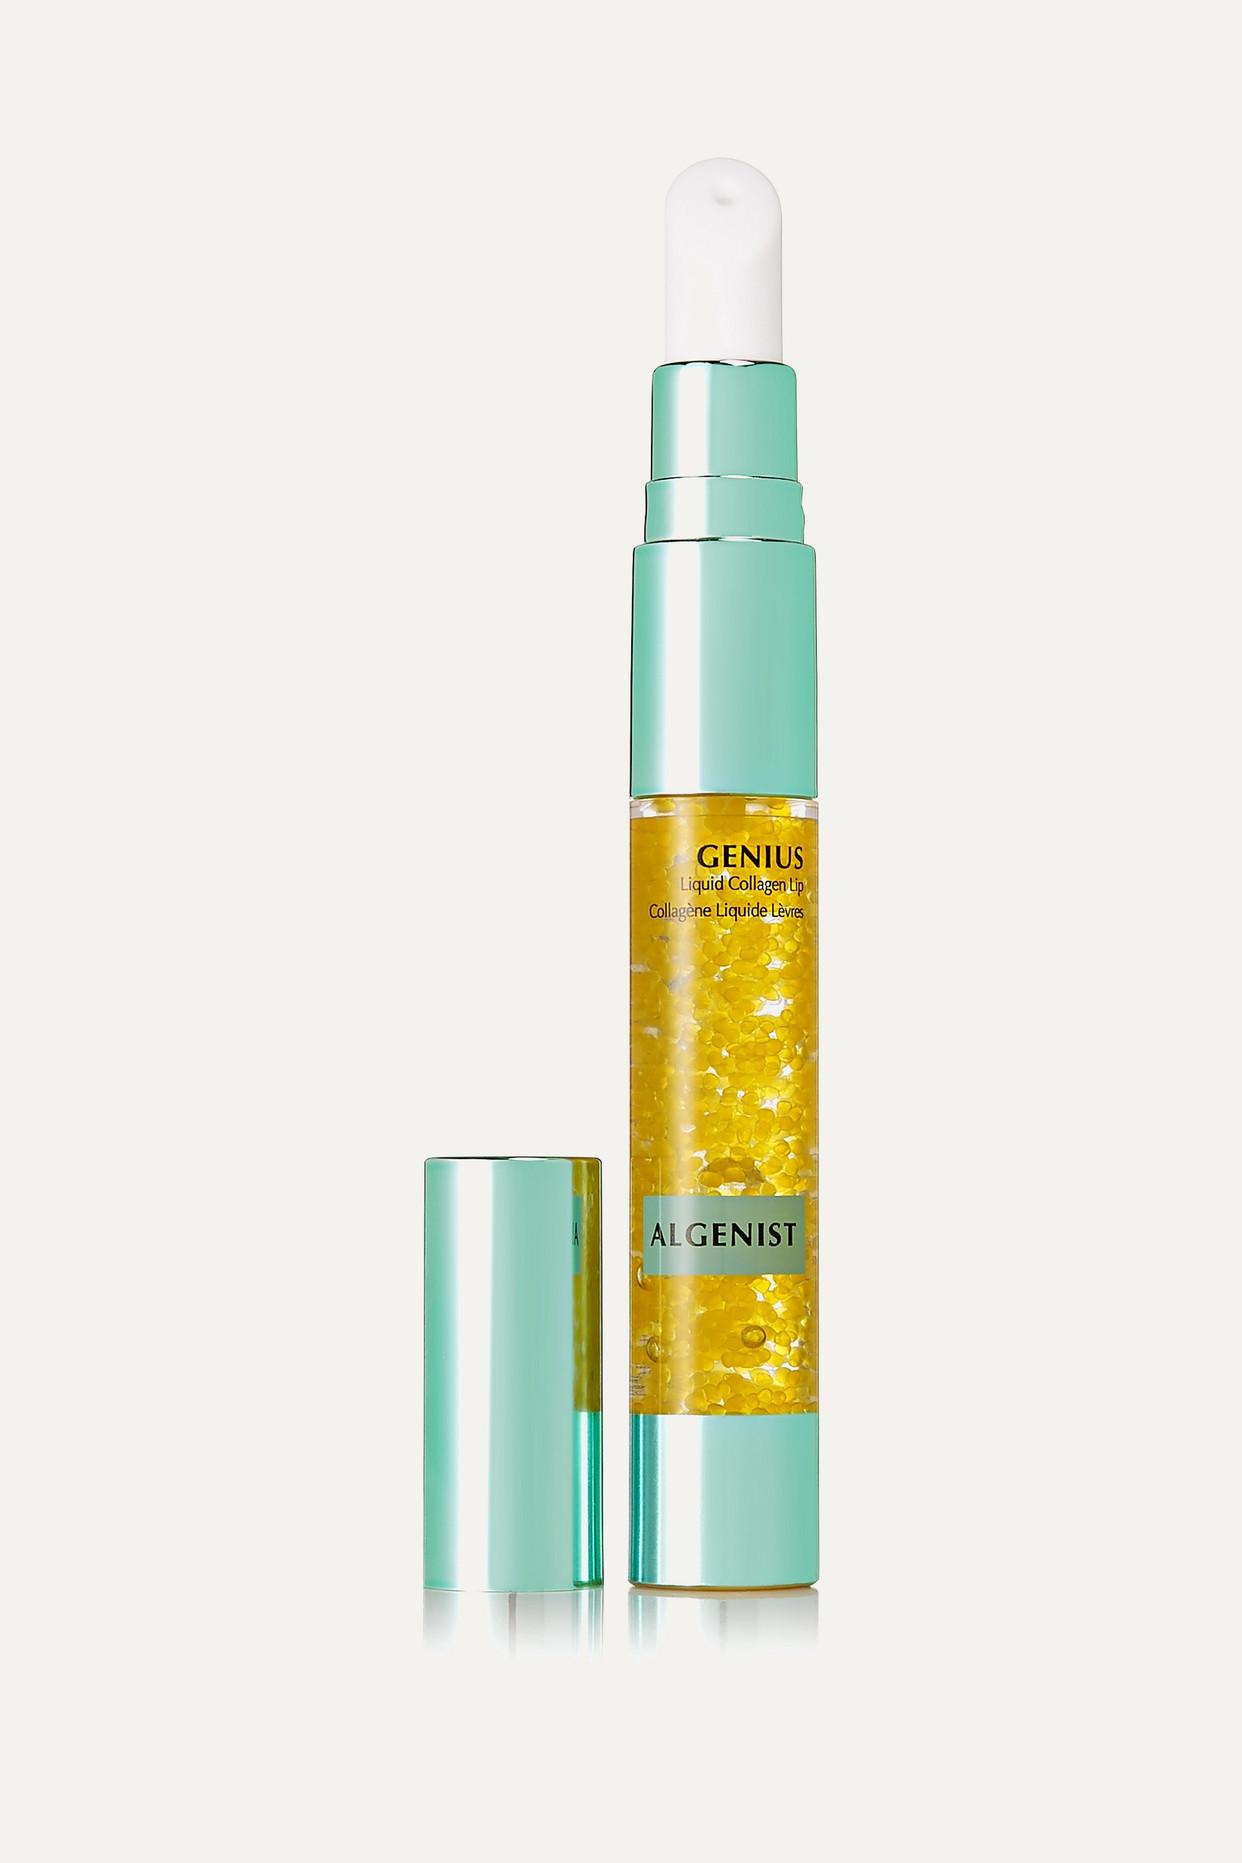 ALGENIST - Genius Liquid Collagen Lip, 10ml - one size